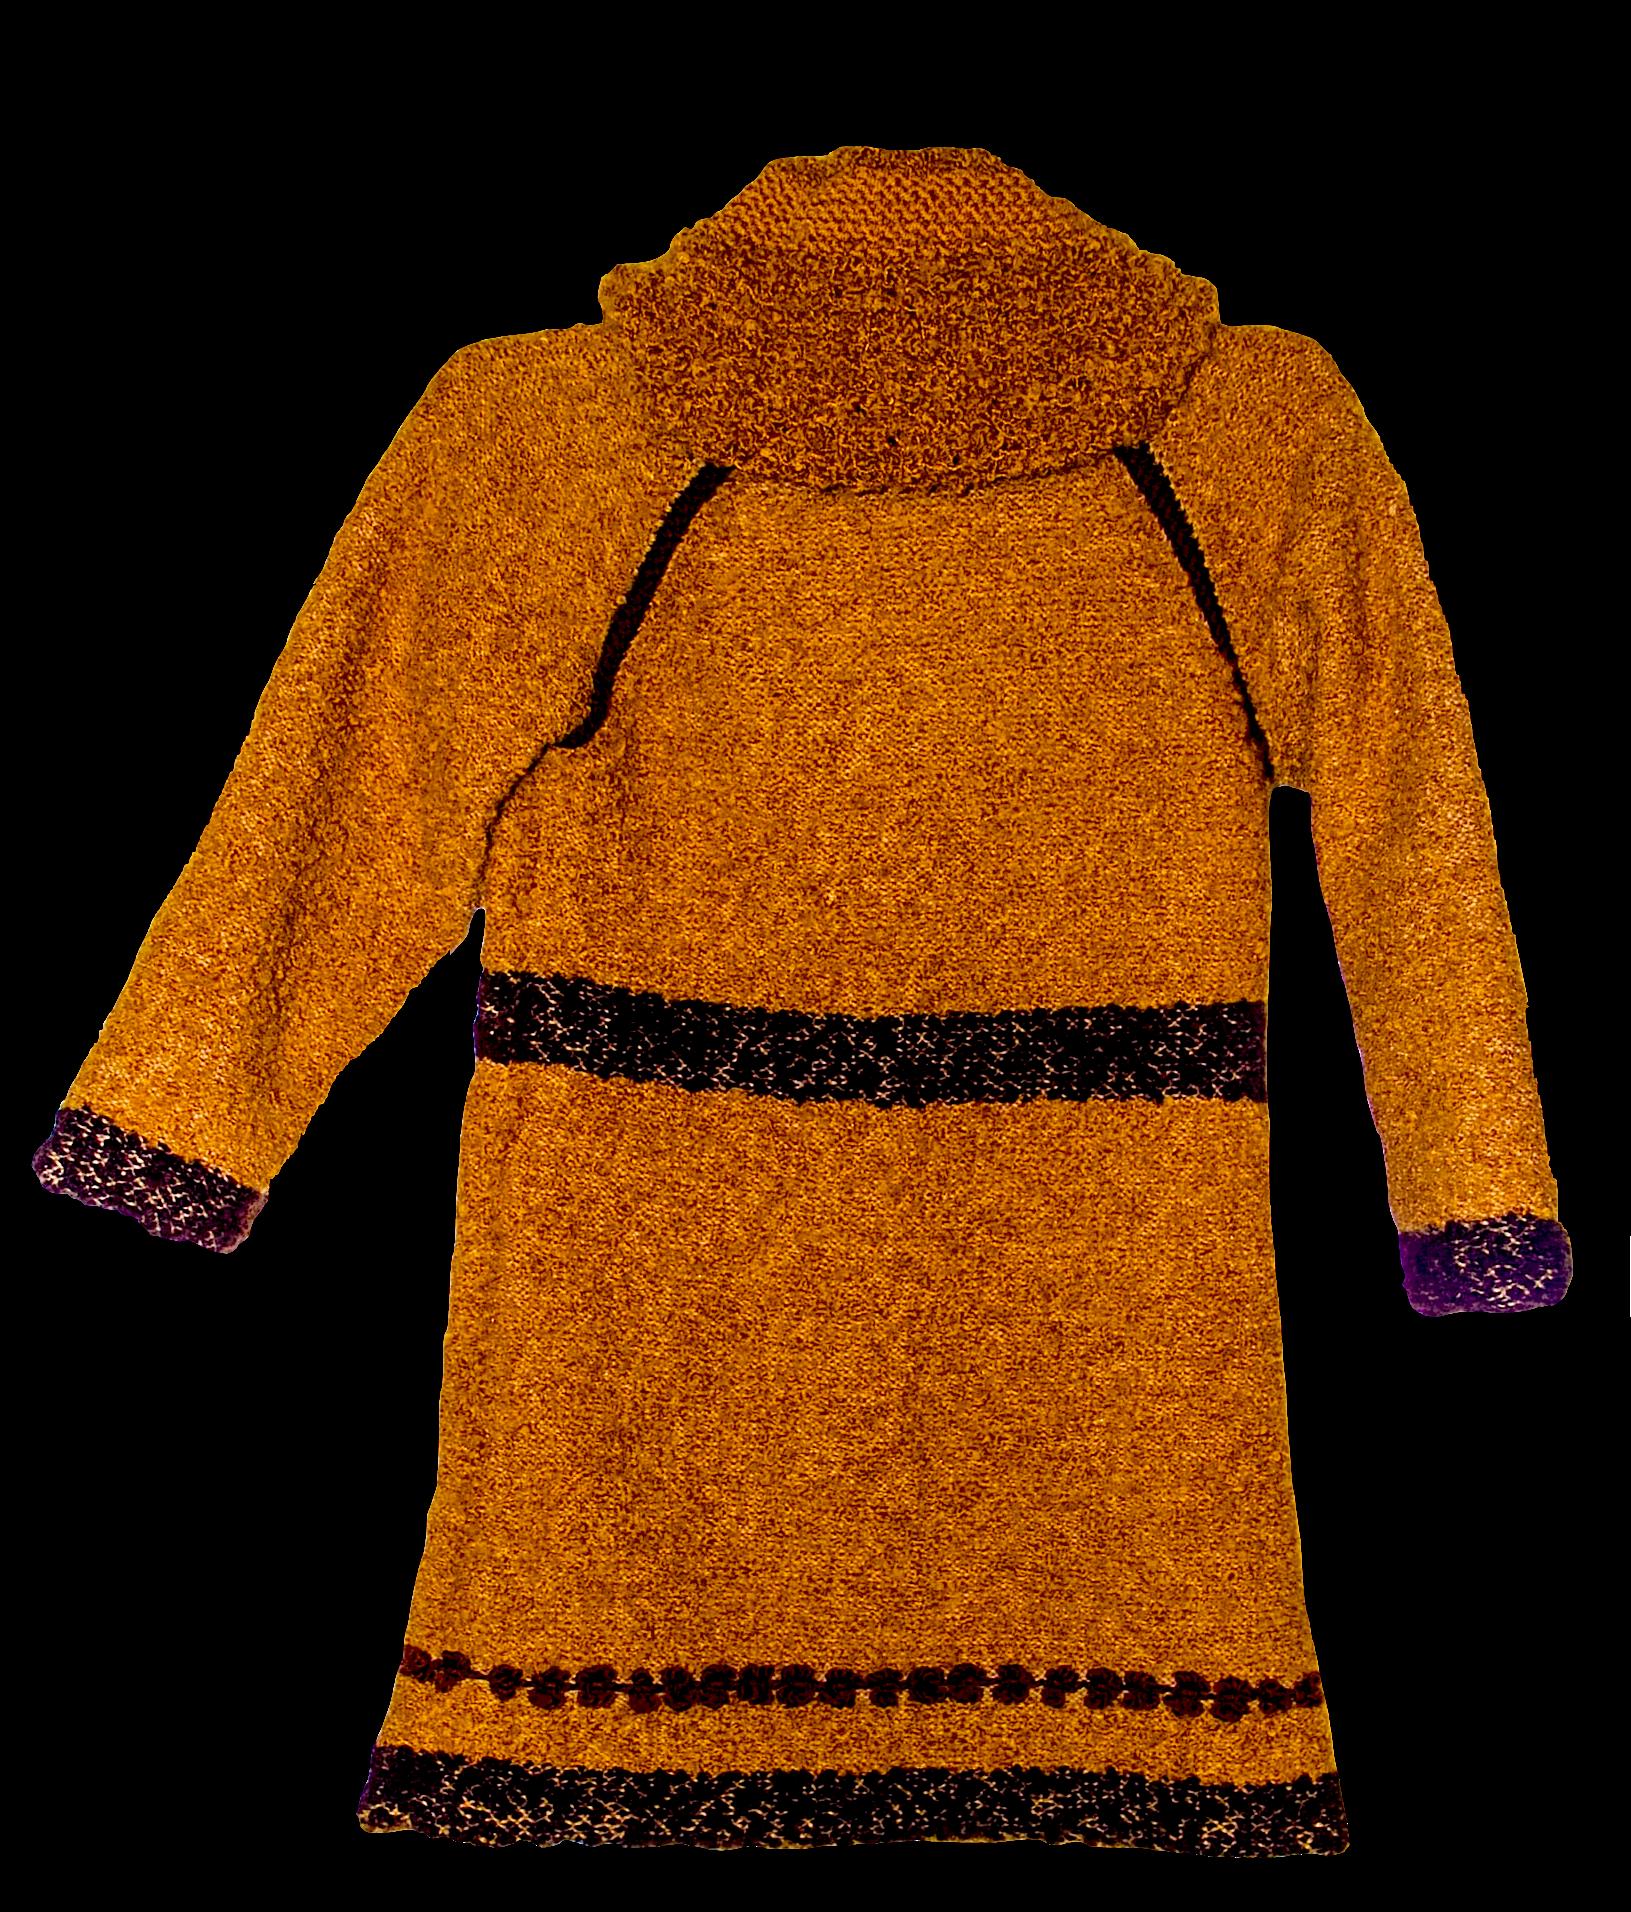 работы ручной однотонный девочки капюшоном пальто ручная авторская для работа с бежевый